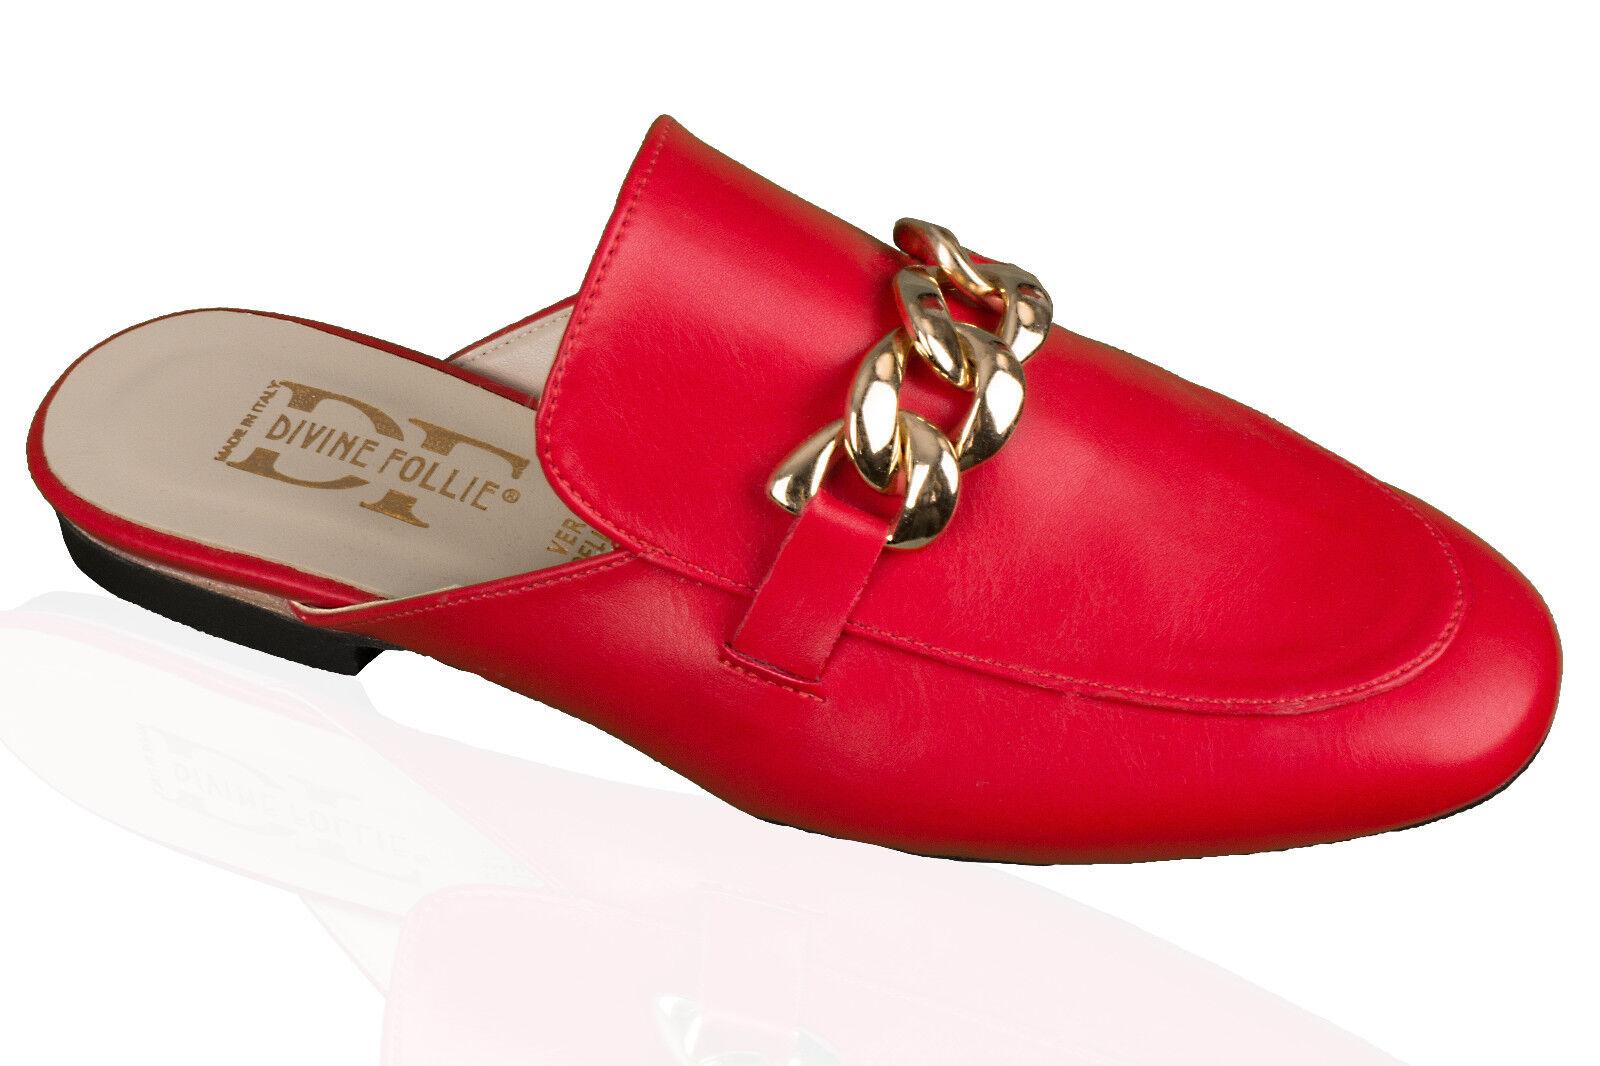 DAMEN Schuhe LEDER Schuhe DAMEN  Damenschuhe Sandalen Pantoletten Sommerschuhe ITALY 837aab